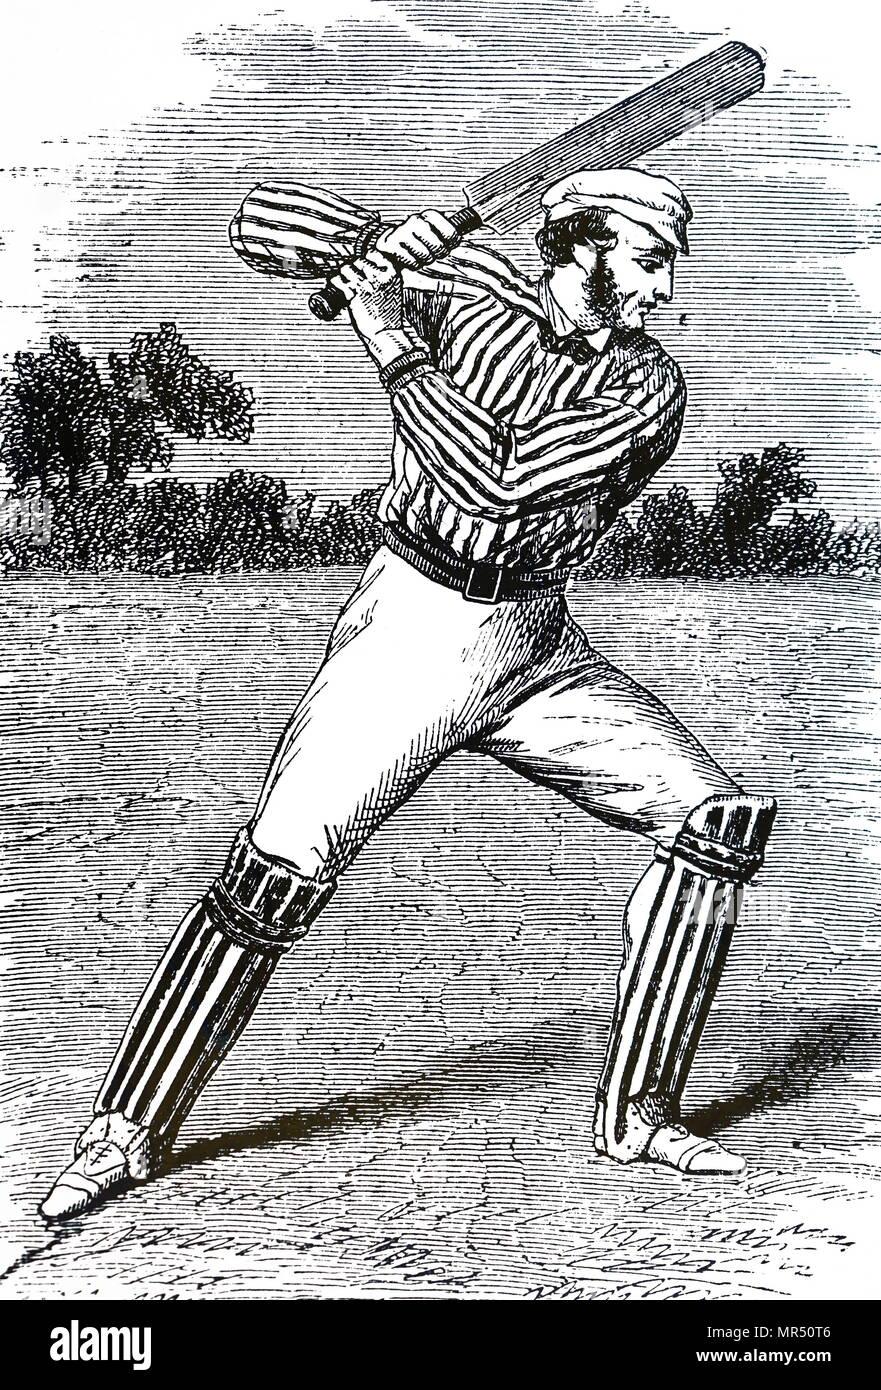 Caricatura de hombres jugando críquet. Fecha del siglo XIX Imagen De Stock